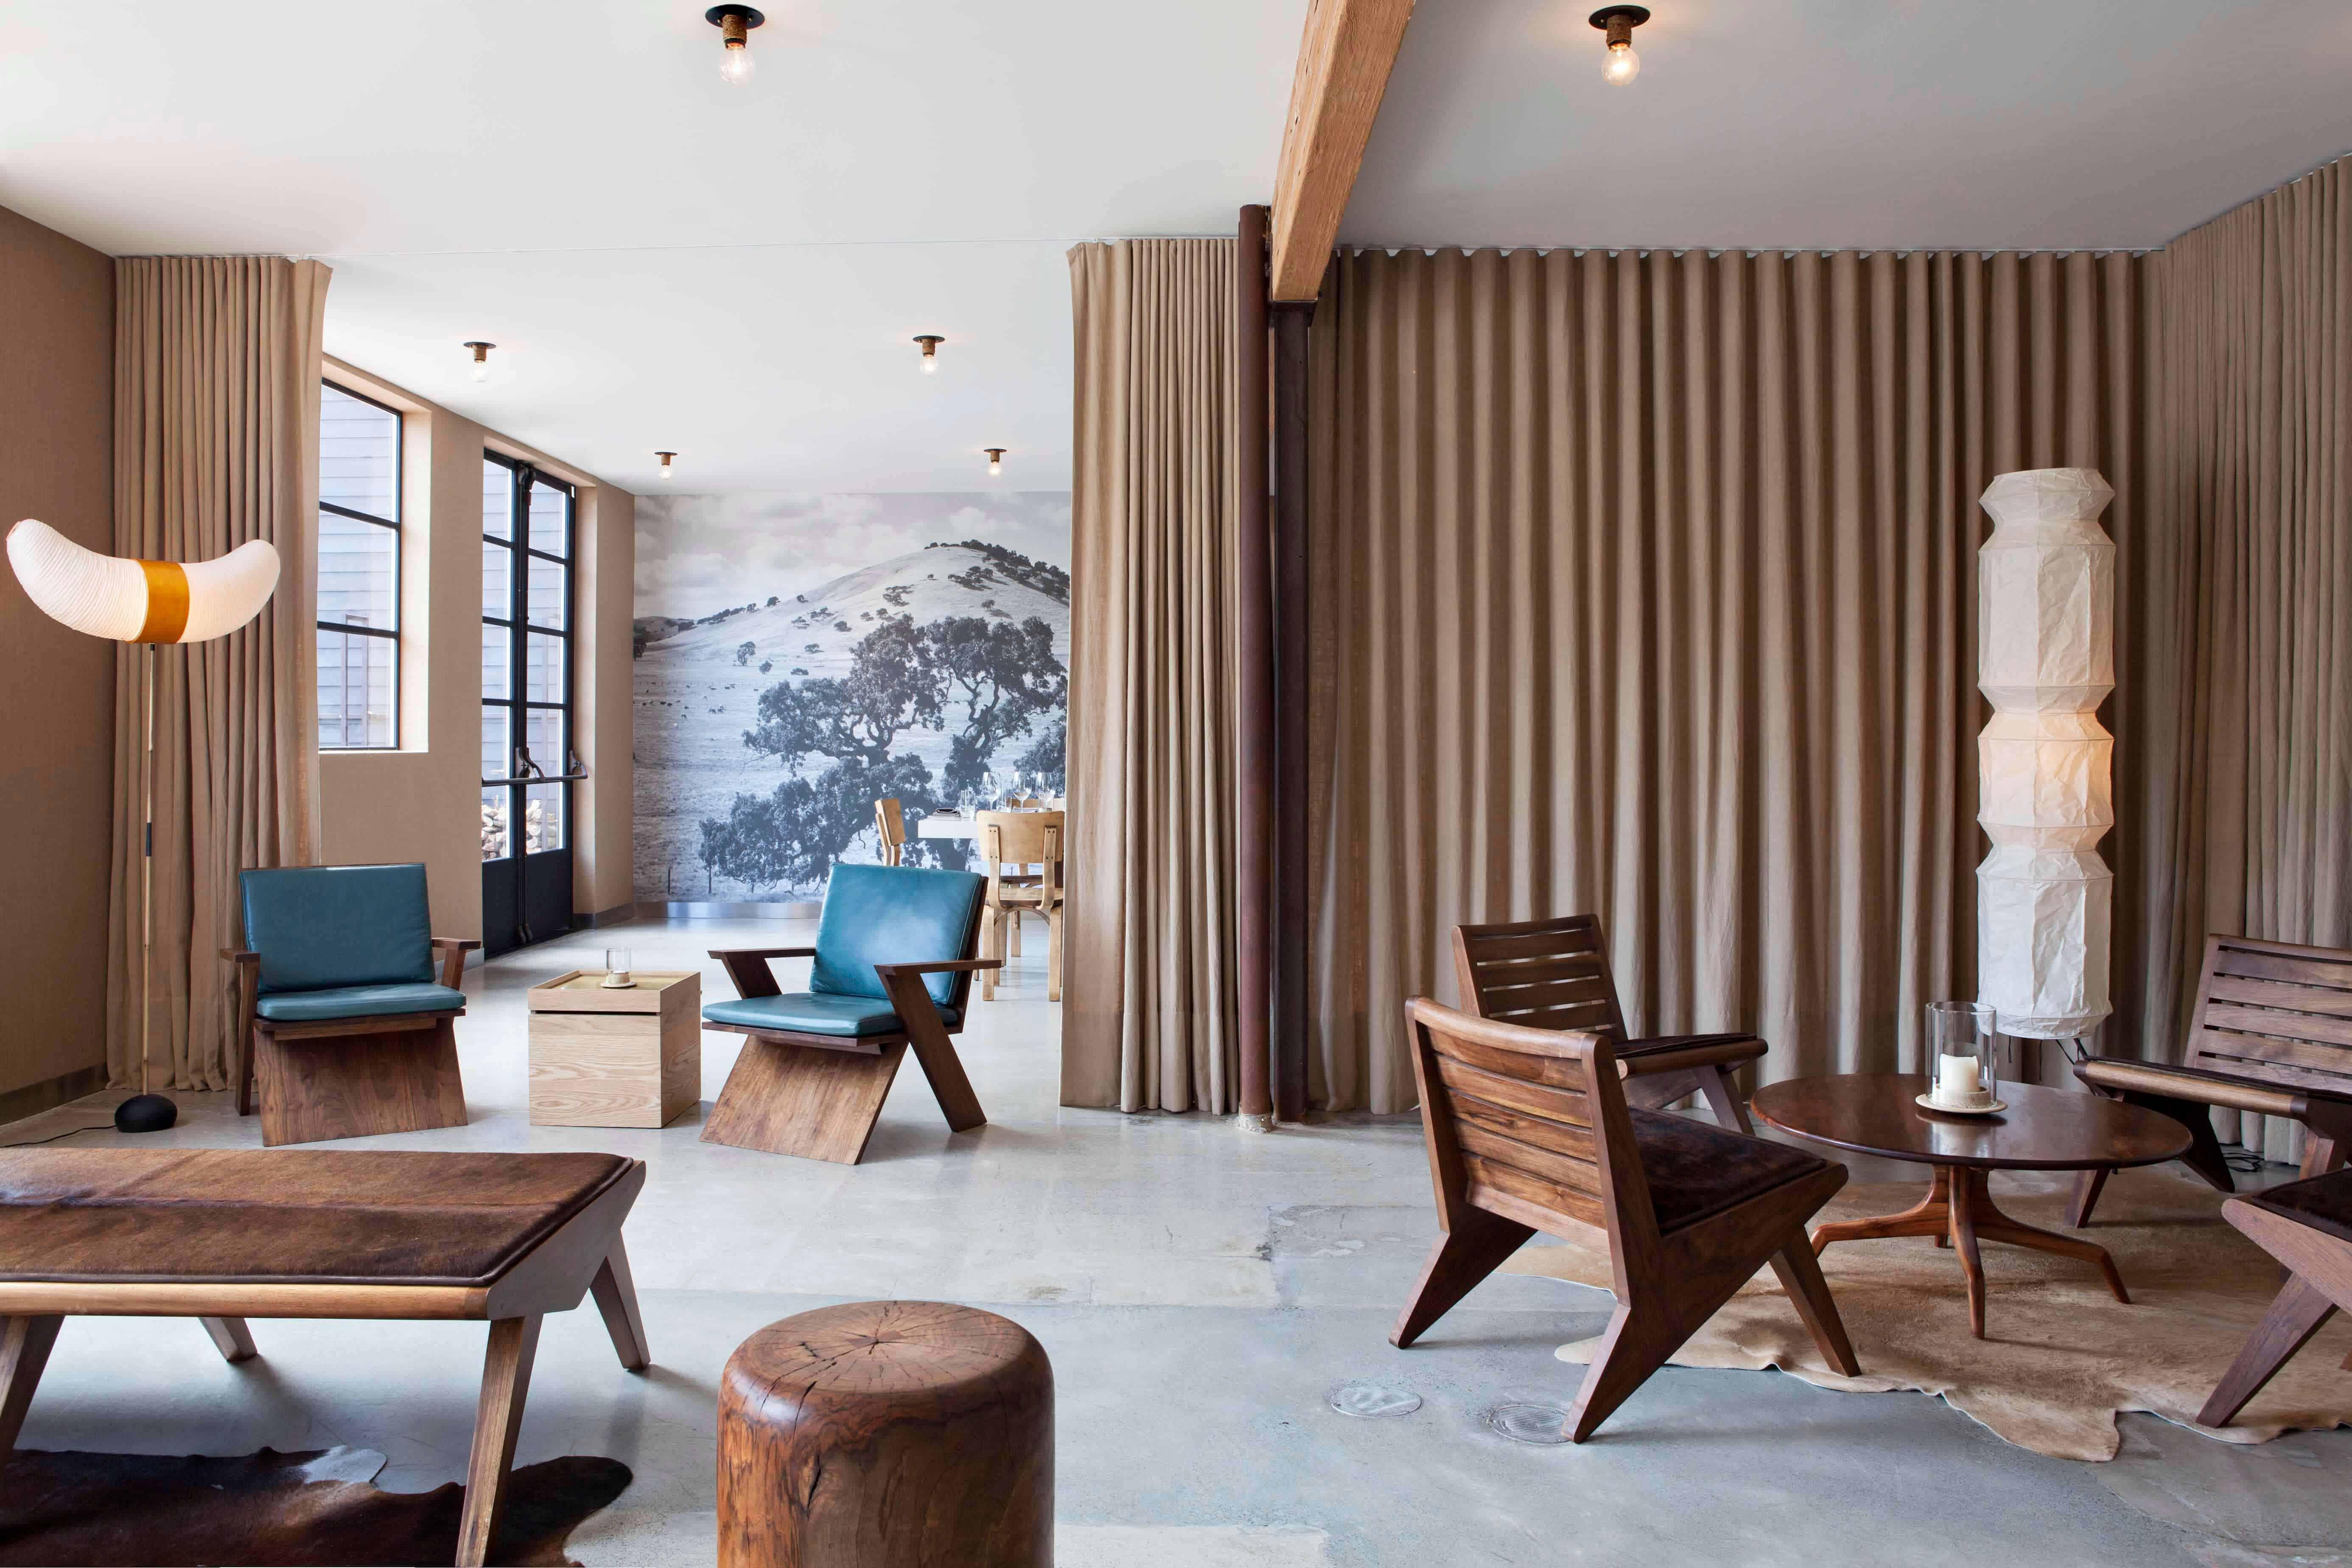 commune-design_designer-spotlight_emily-henderson_inspiration_13